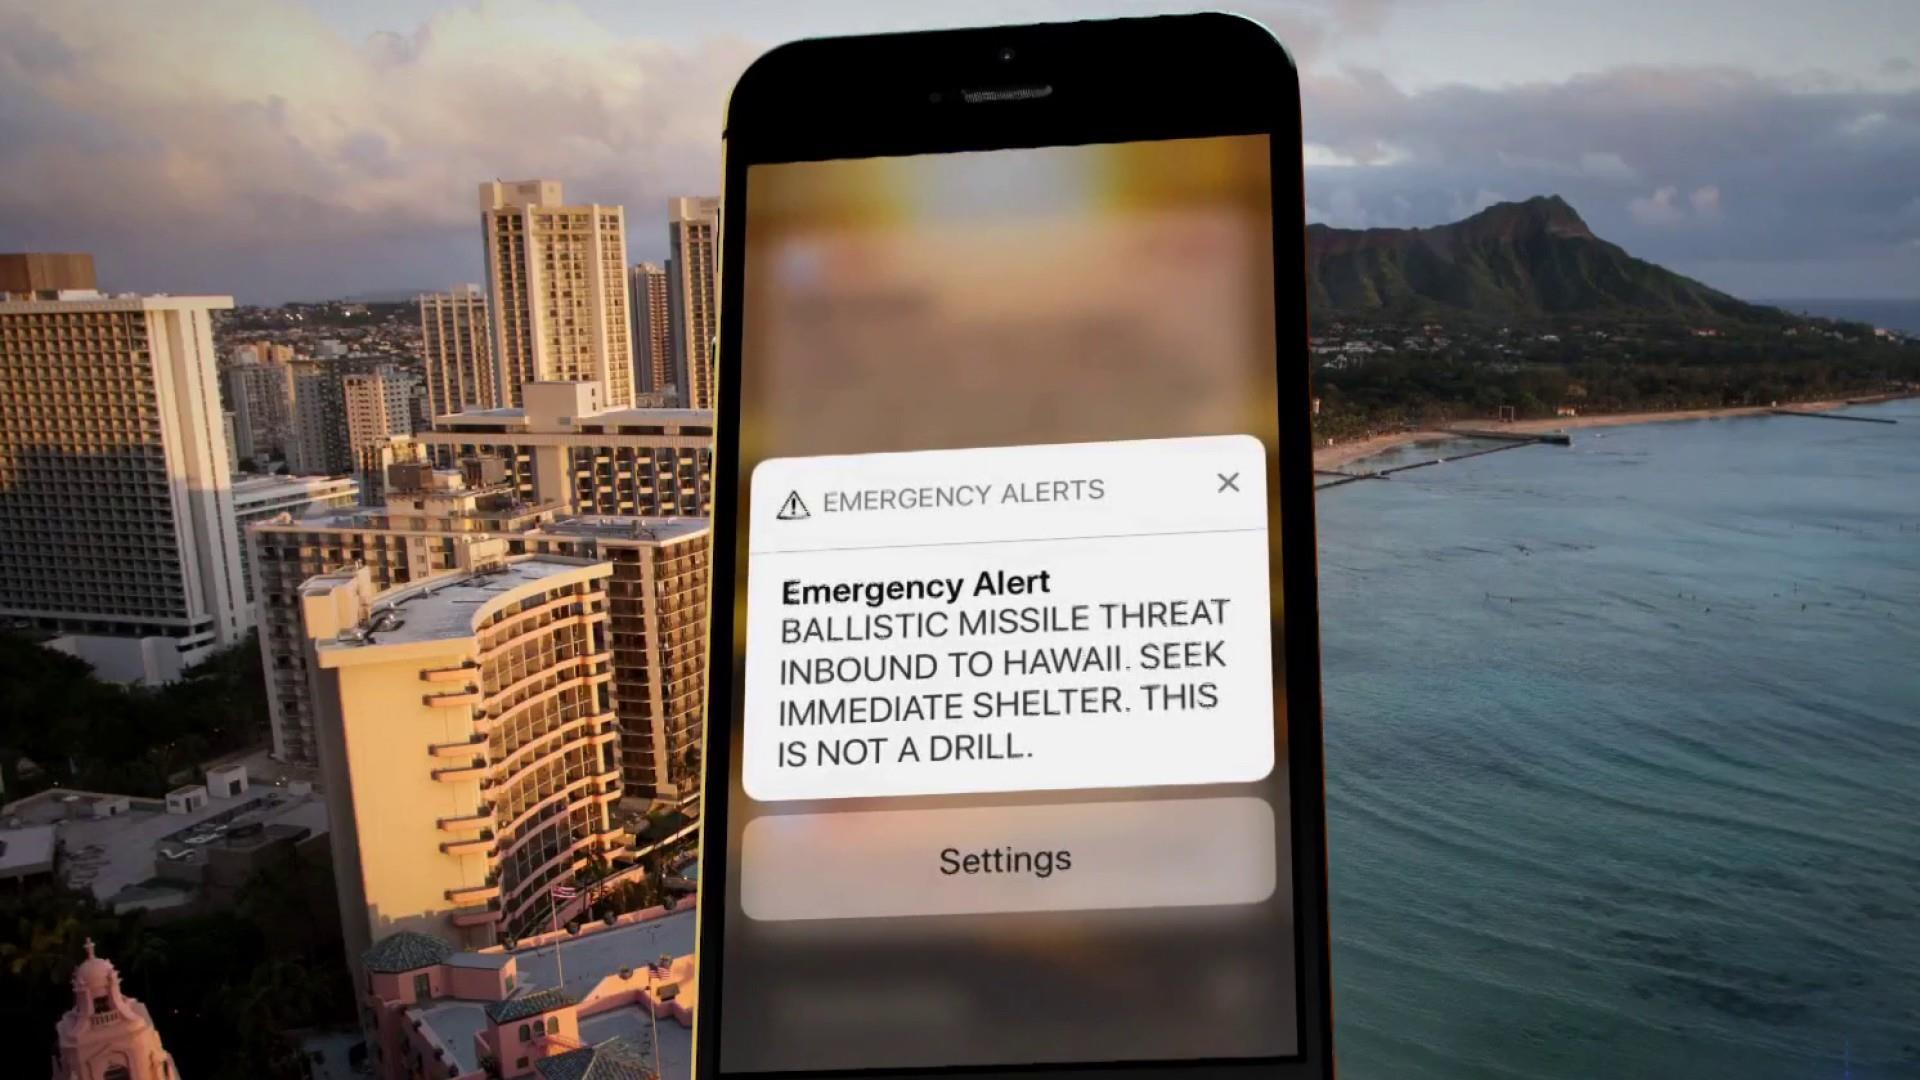 """CNN katearen argazkian, Hawaiiko herritarrek telefono mugikorretan urtarrilaren 13an goizeko 08:07an jaso zuten mezua: """"Larrialdi alerta, misil balistiko bat Hawaiira bidean, ez da simulakroa"""". Benetan Ipar Koreak bonba atomikoa daraman misil bat bidaltze"""